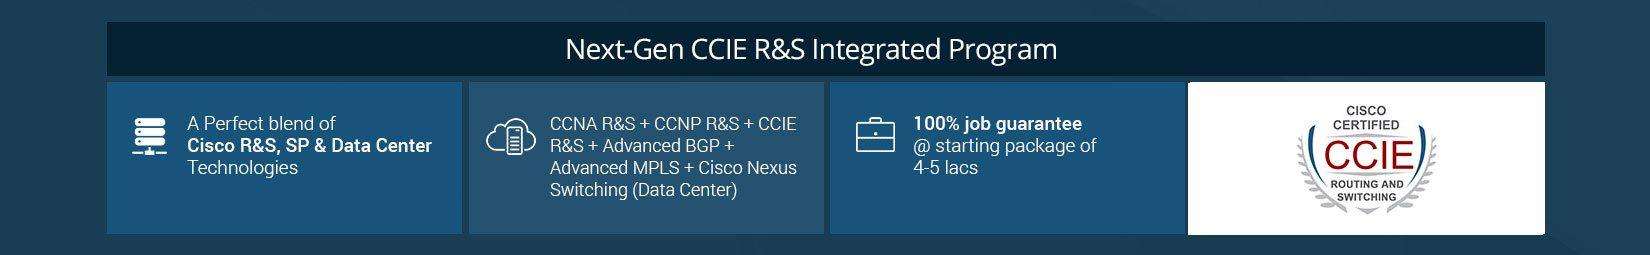 Best CCIE R&S Training in India   CCIE institute in Delhi, Gurgaon